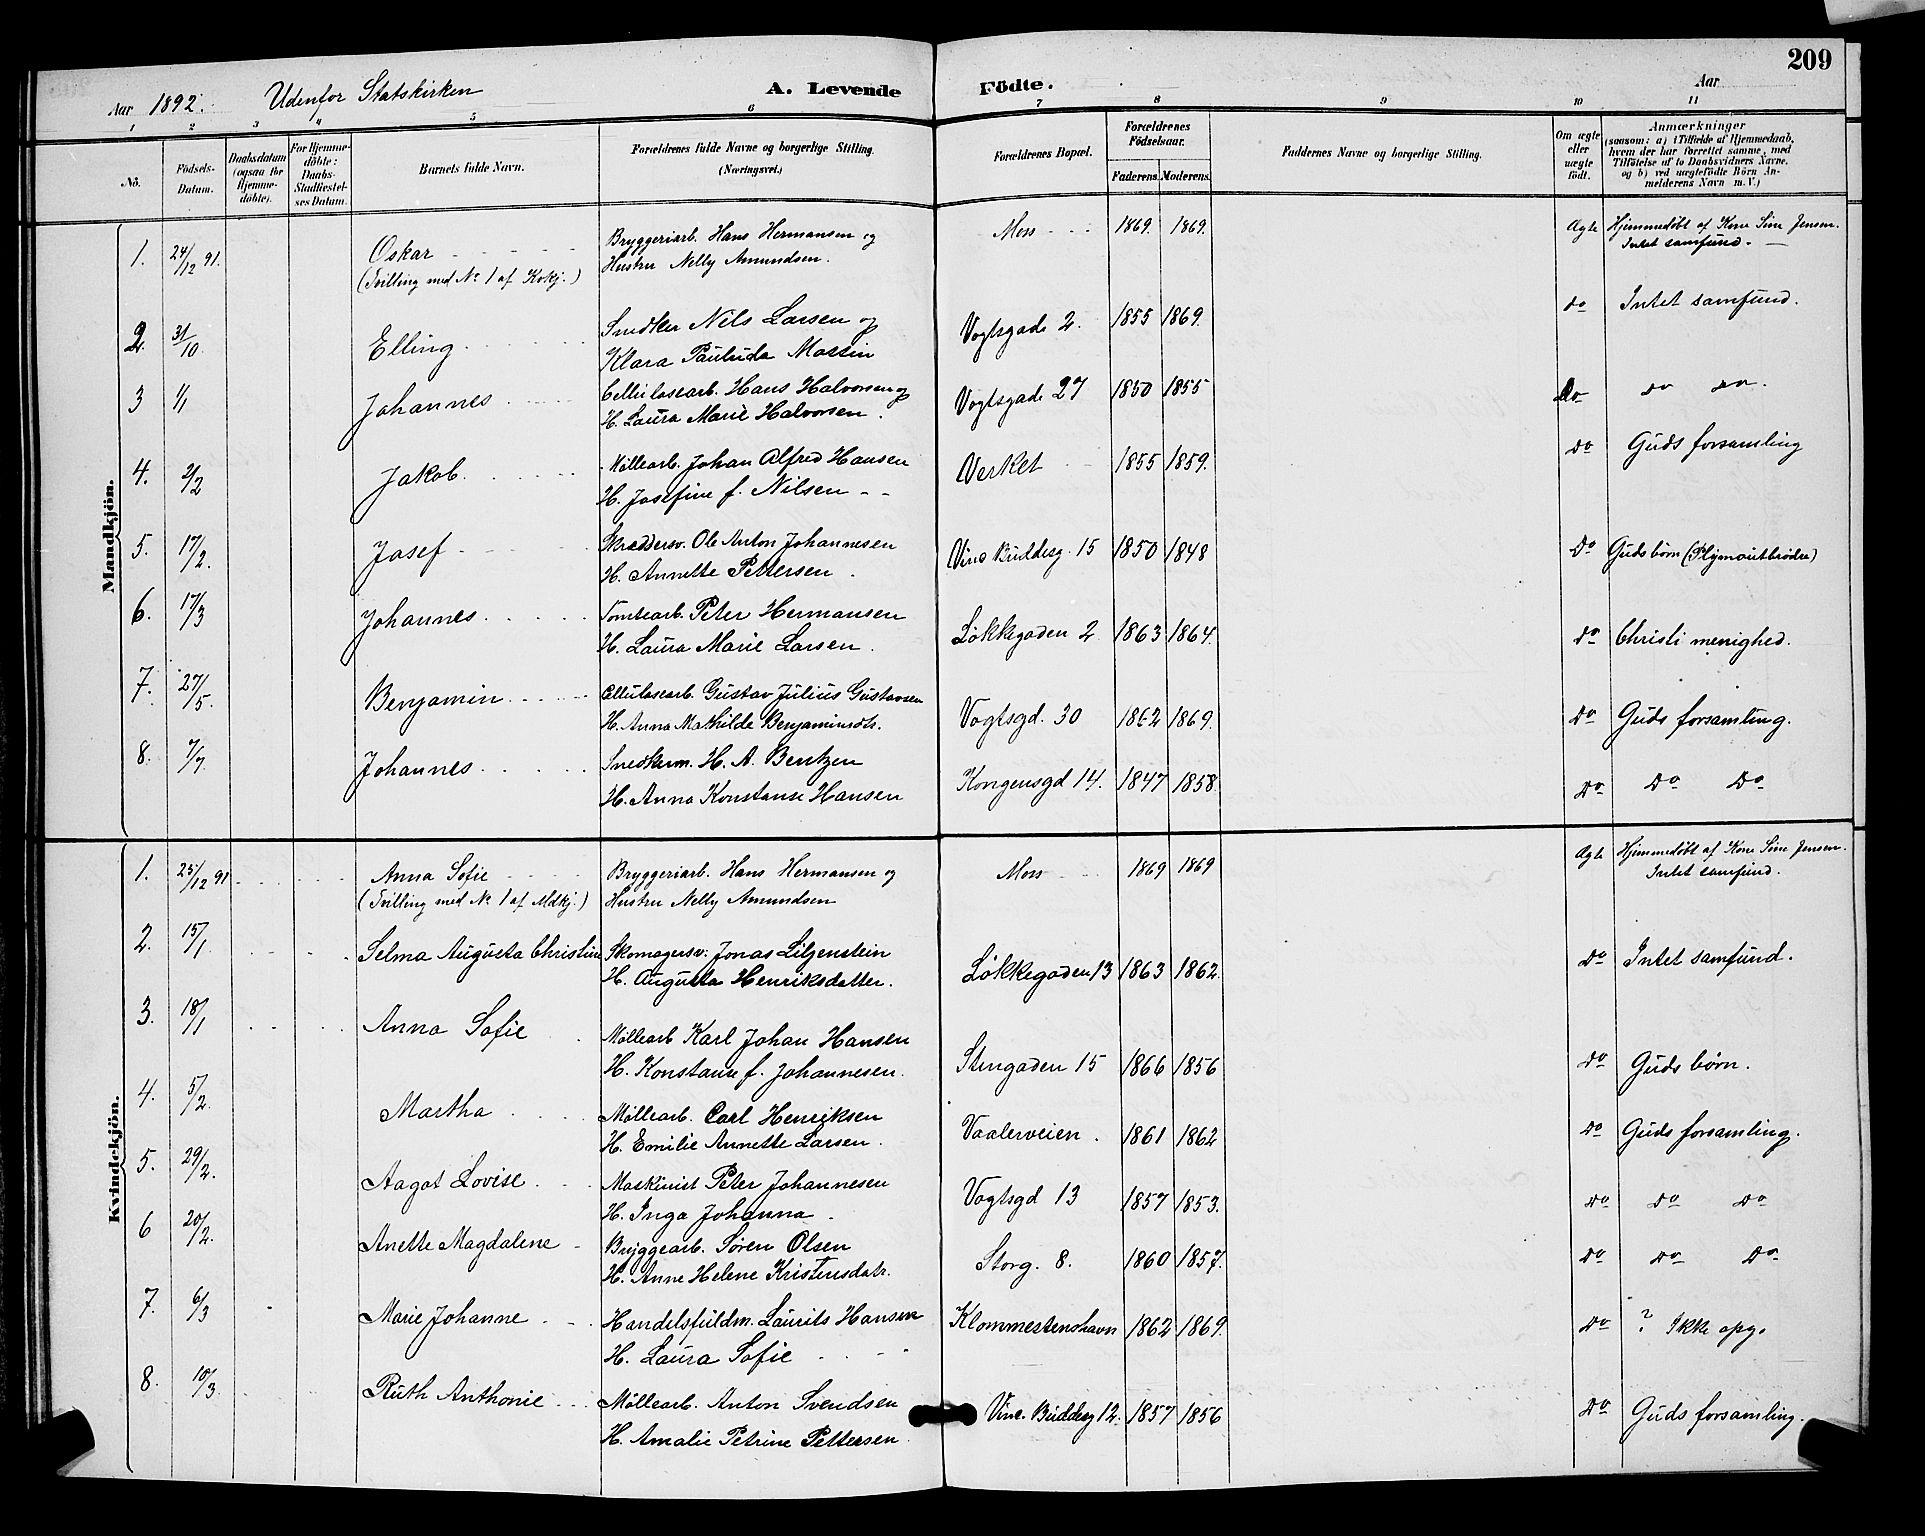 SAO, Moss prestekontor Kirkebøker, G/Ga/L0006: Klokkerbok nr. I 6, 1889-1900, s. 209